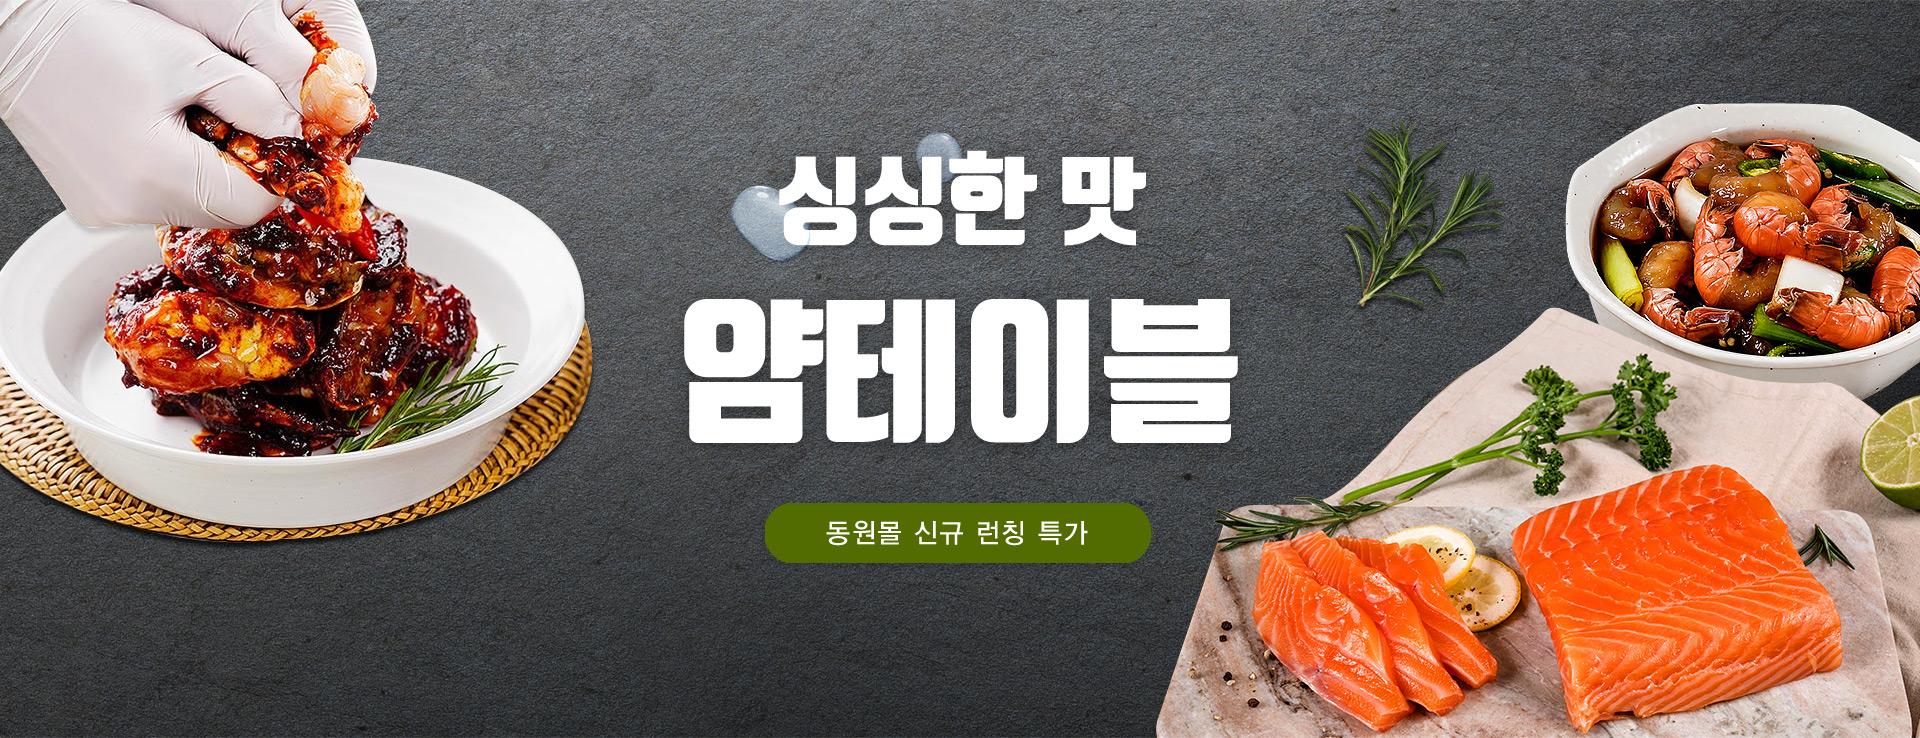 싱싱한 맛 얌테이블 동원몰 신규 런칭 특가